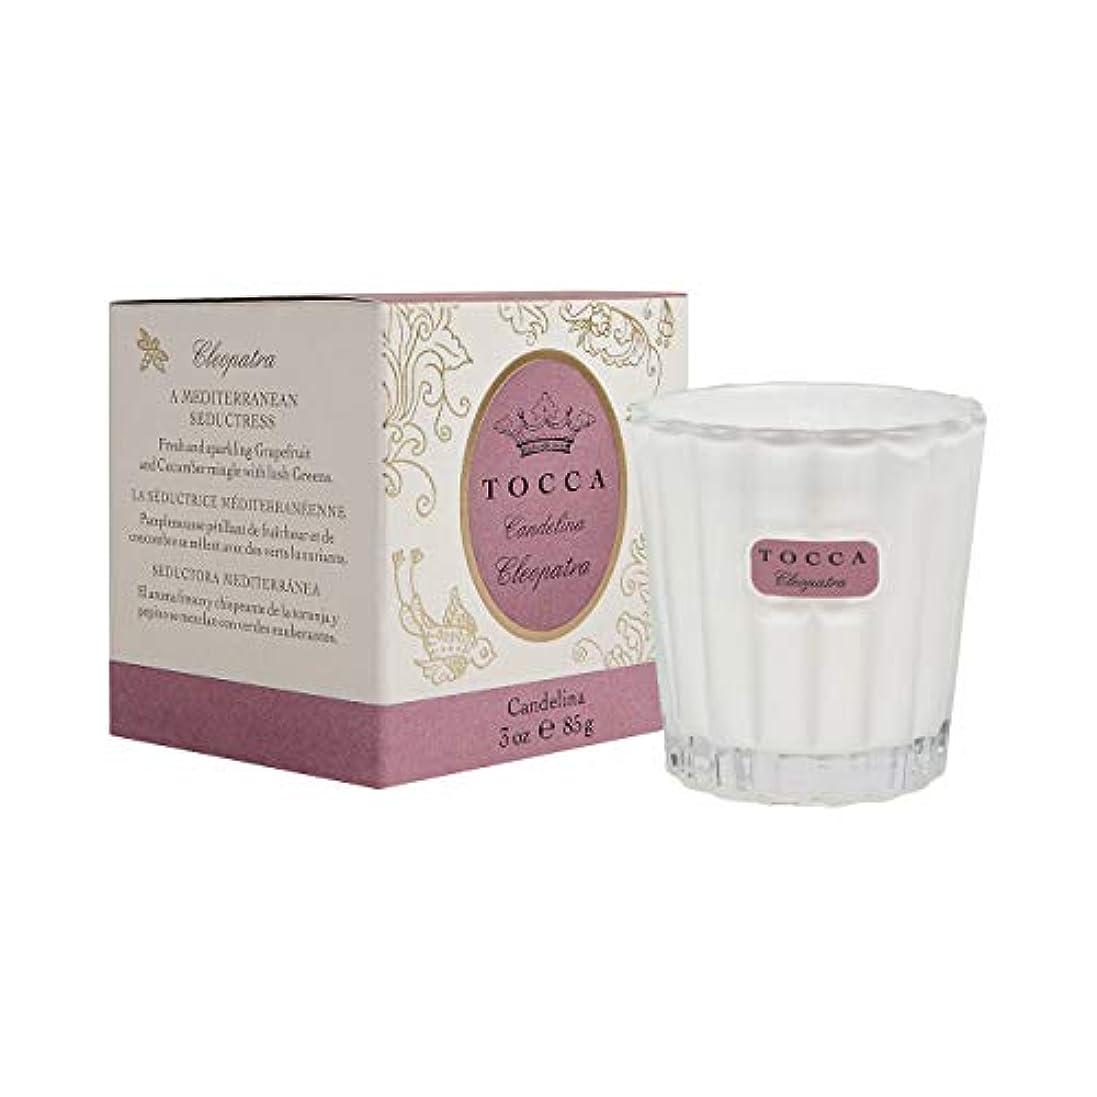 トッカ(TOCCA) キャンデリーナ クレオパトラの香り 約85g (キャンドル ろうそく フレッシュでクリーンな香り)